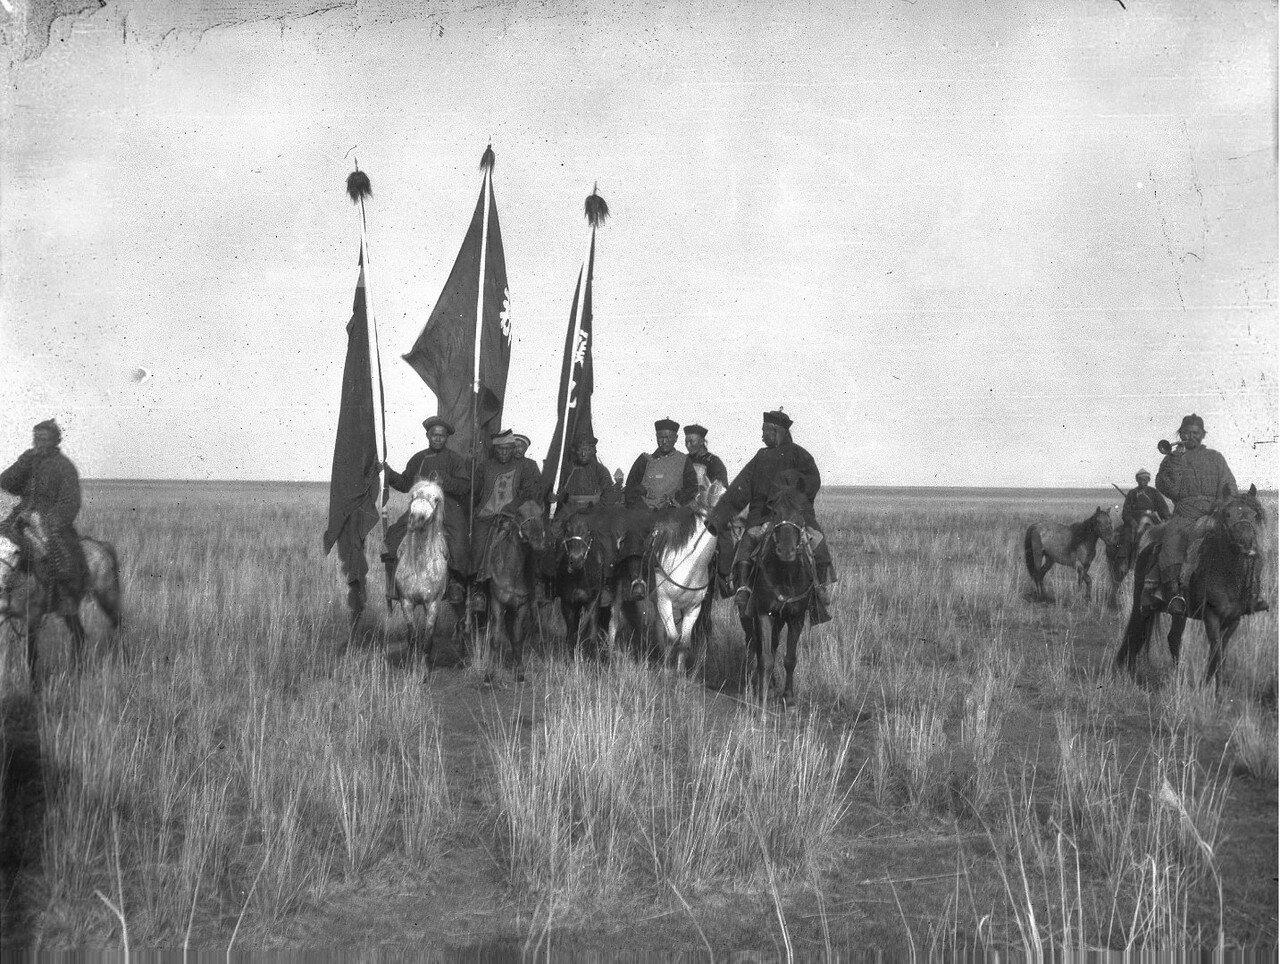 Долина реки Текес. Богатый калмык Насамбатин со своими людьми прибывает в лагерь Маннергейма